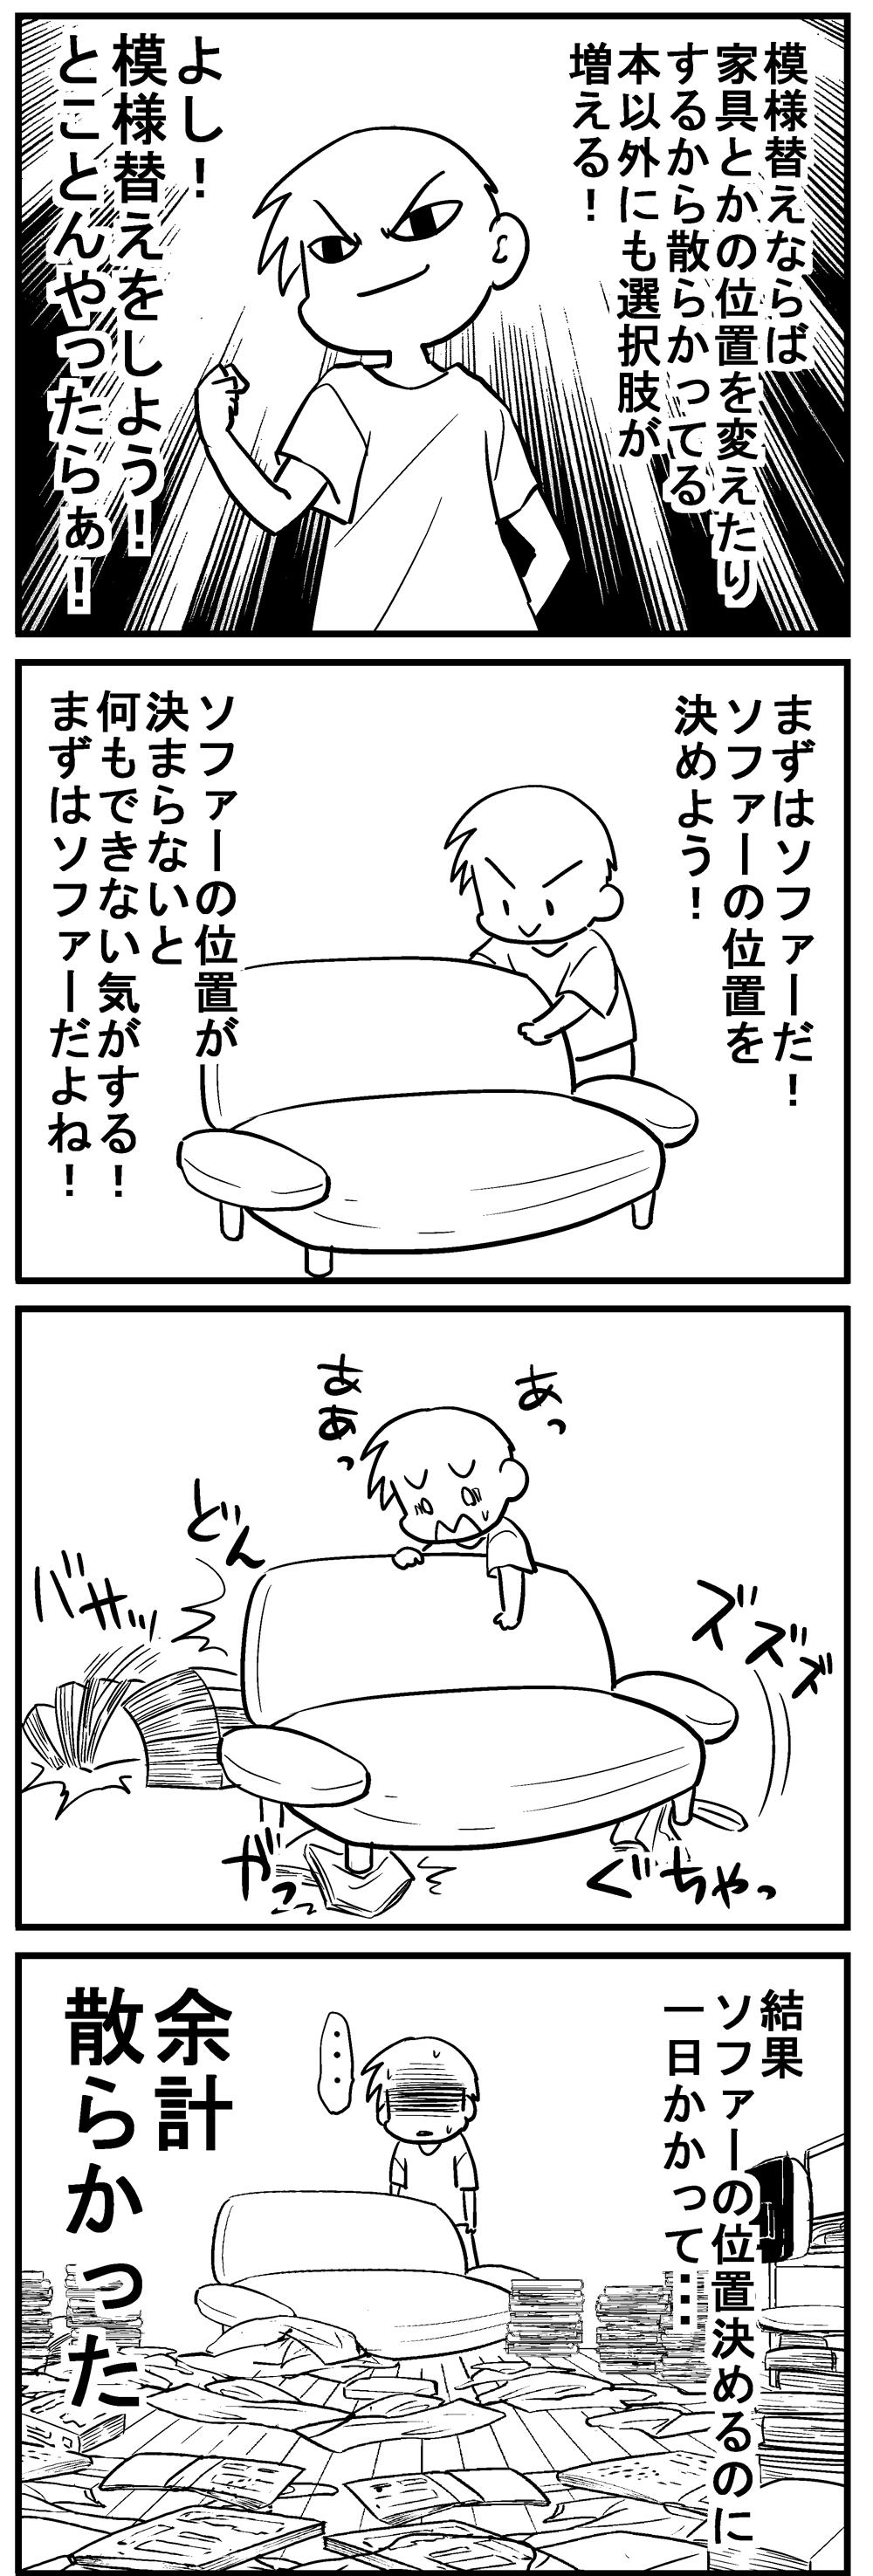 深読みくん74-4